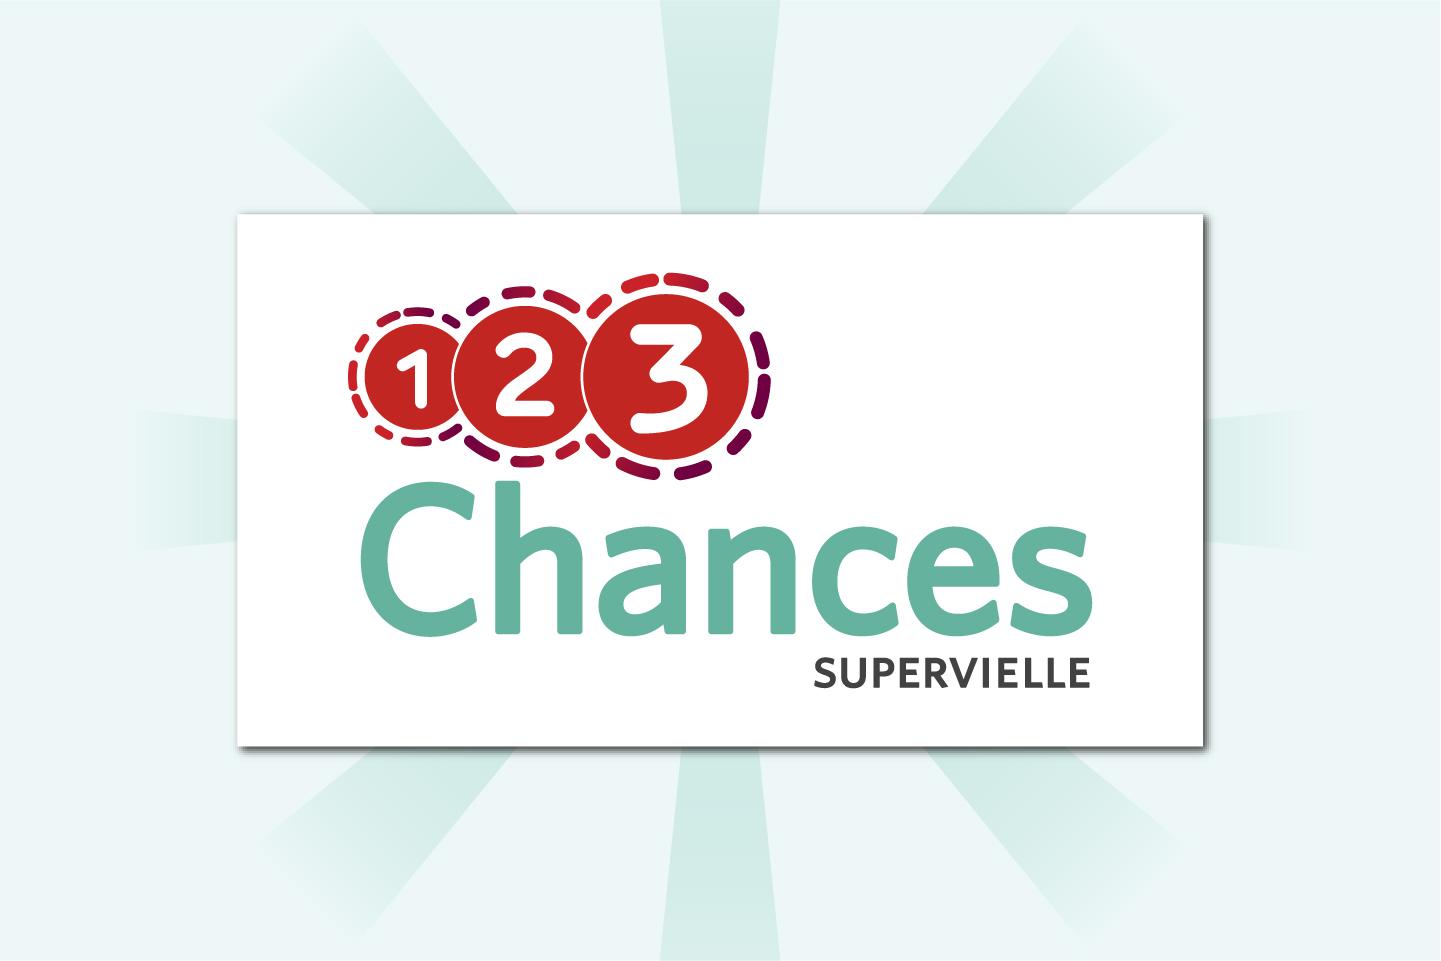 1, 2,3 Chances